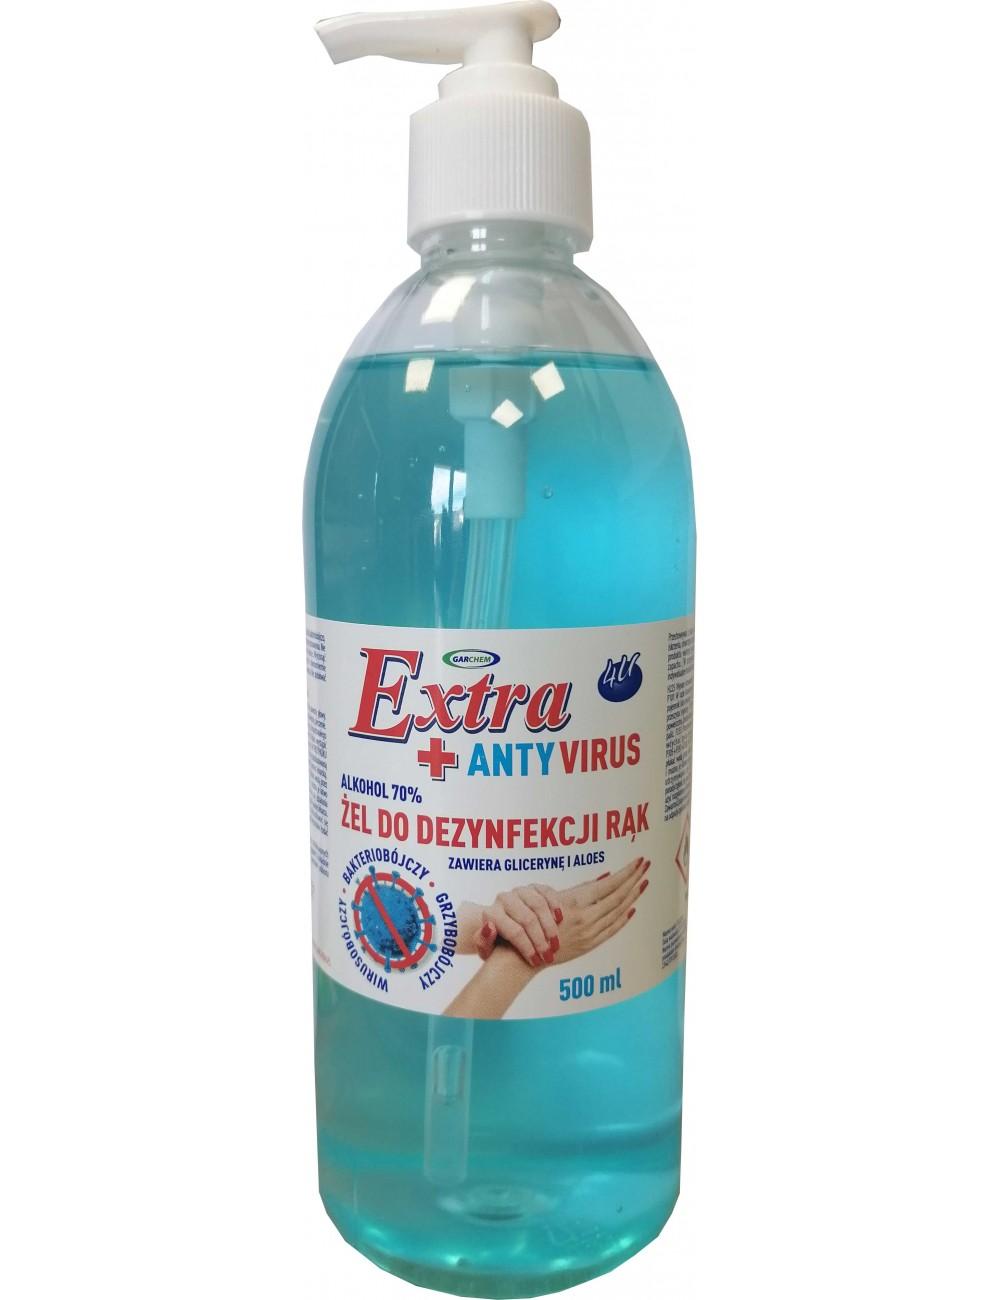 4U Żel do Dezynfekcji Rąk Wirusobójczy, Bakteriobójczy i Grzybobójczy z Gliceryną i Aloesem 500 ml - zawiera 70% alkoholu